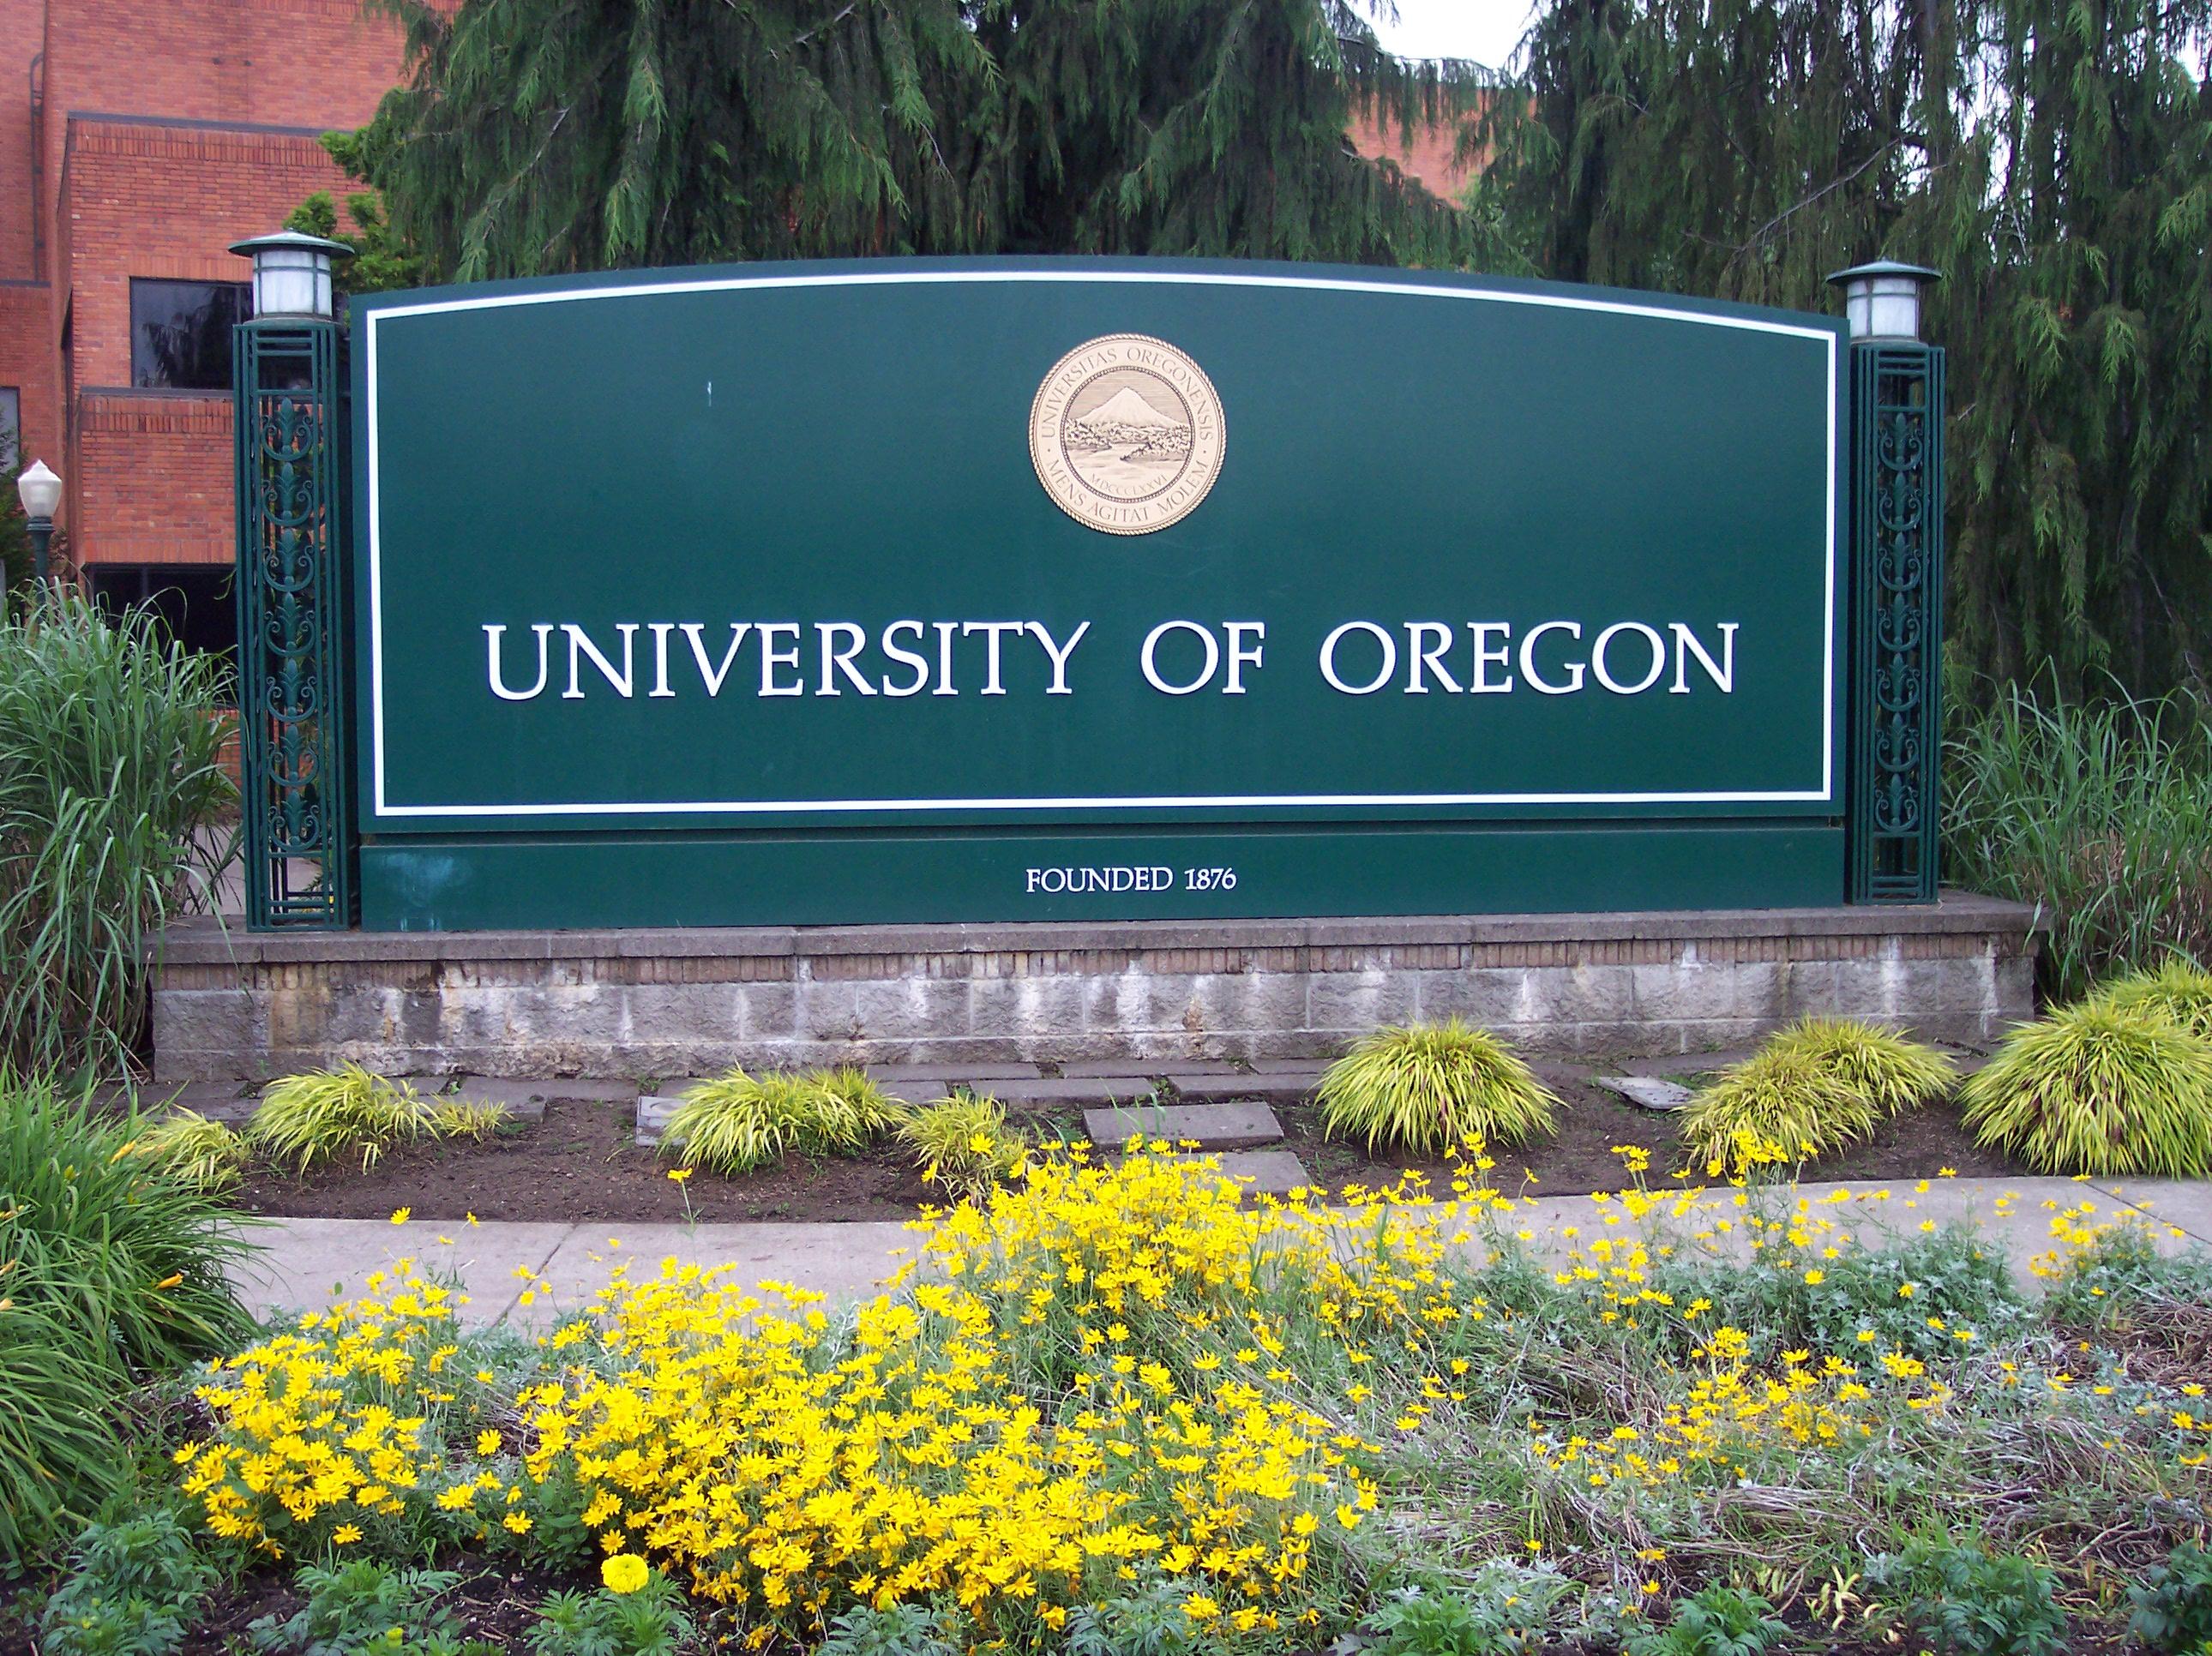 image of University of Oregon